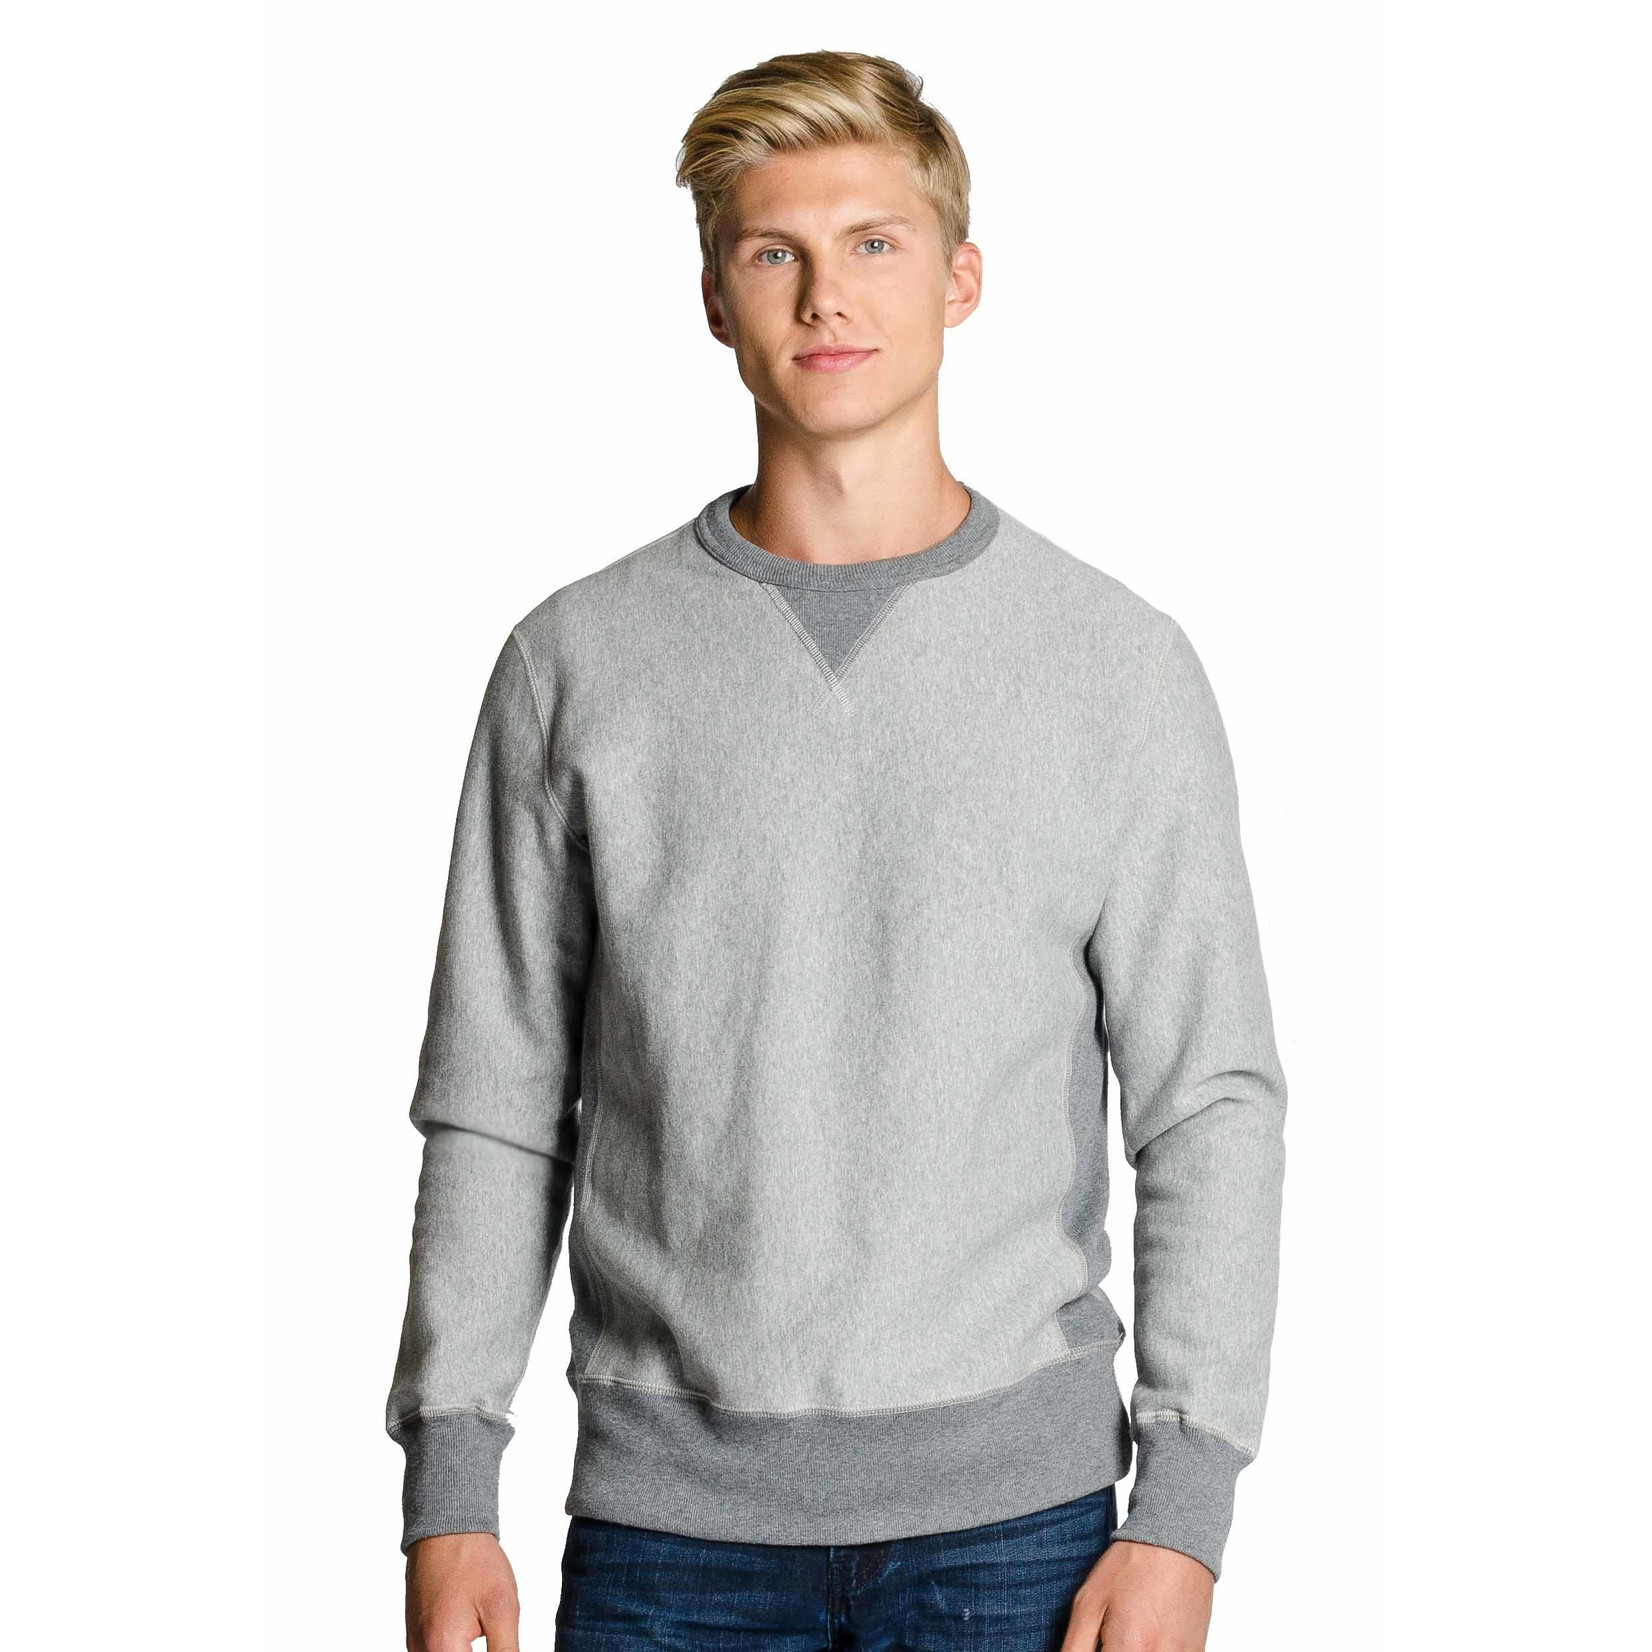 Redwood Classics Redwood Classics Robson Crewneck Sweatshirt - 2 colors